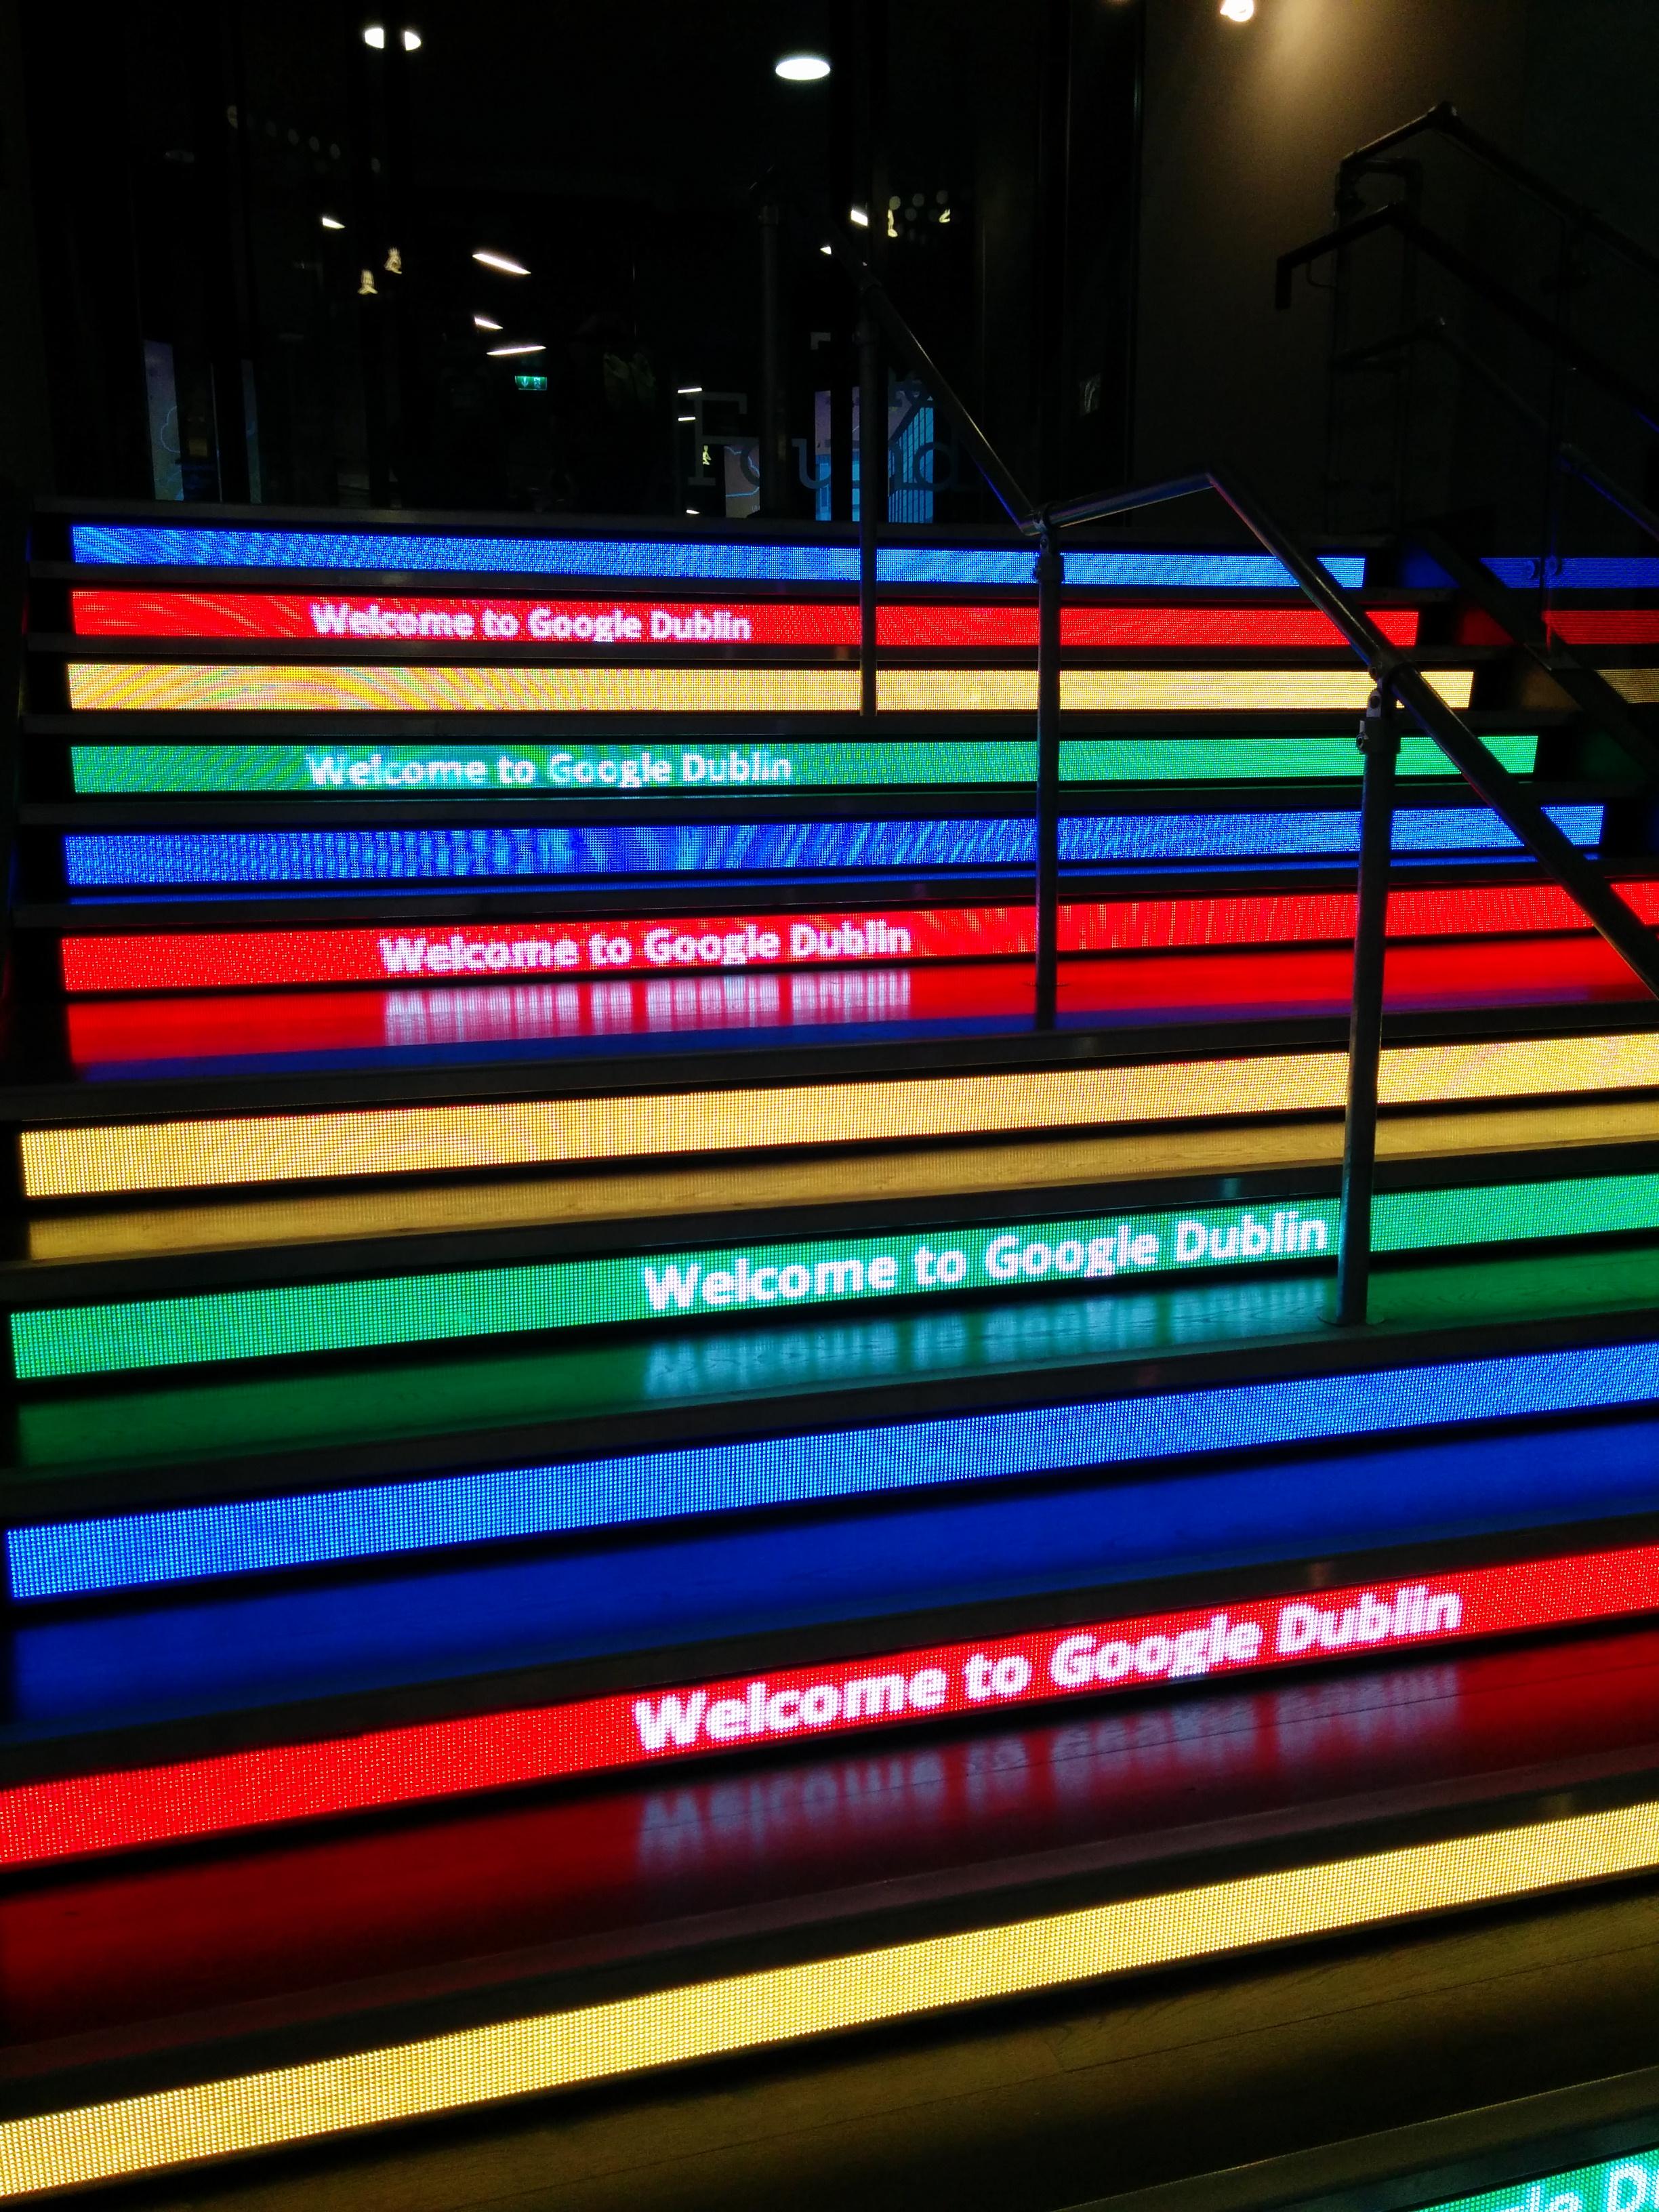 Druhý den uspořádal Google ve svém evropském sídle docela slušnou párty